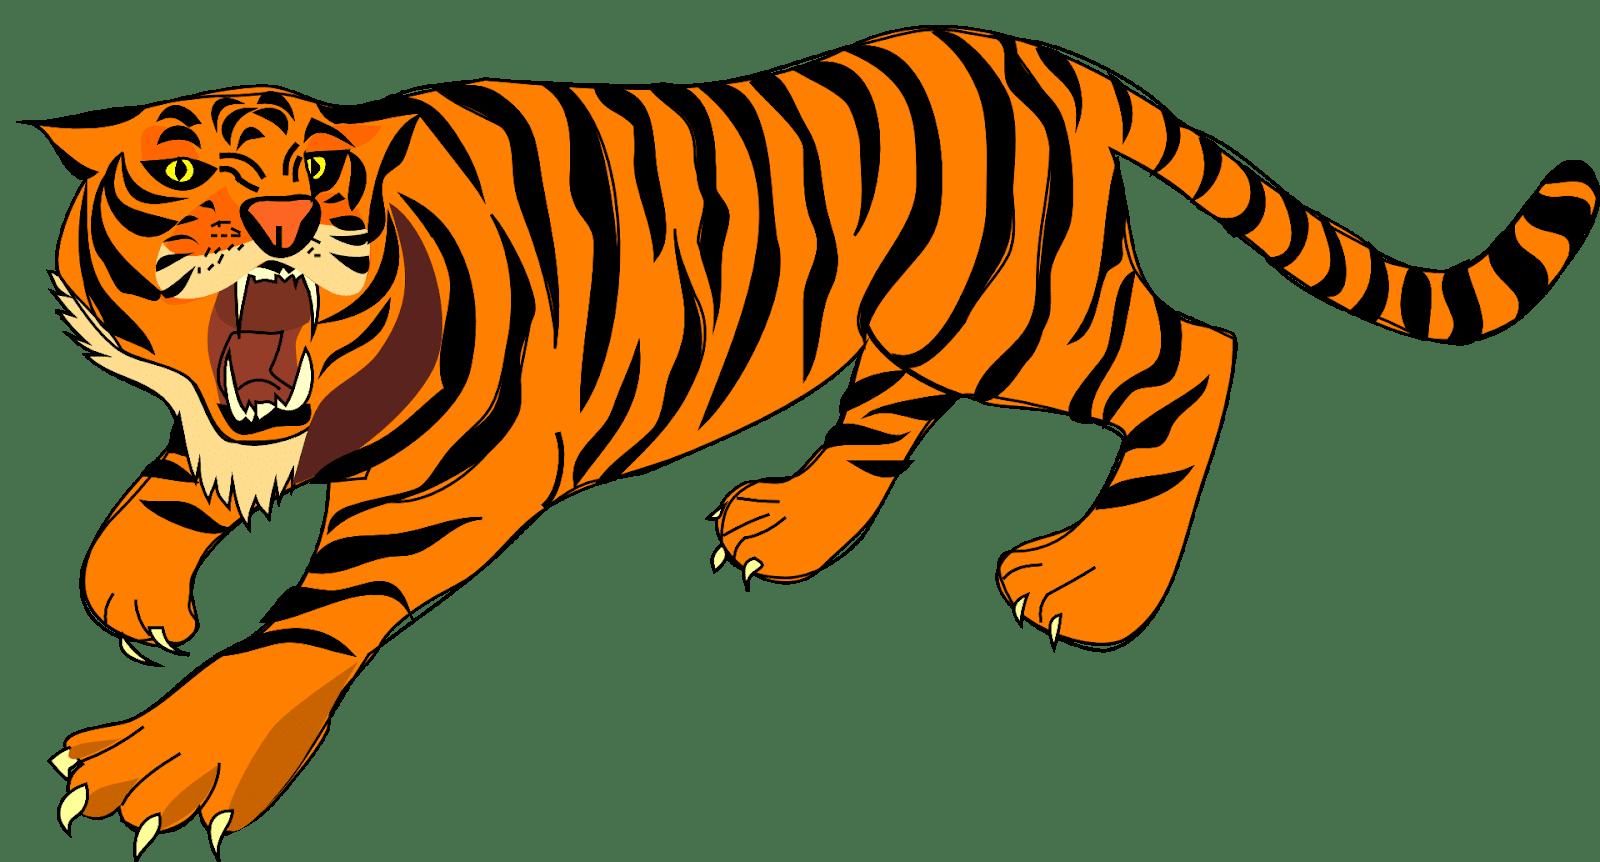 बाघ के बारे में जानकारी और रोचक तथ्य - Information about Tiger in Hindi